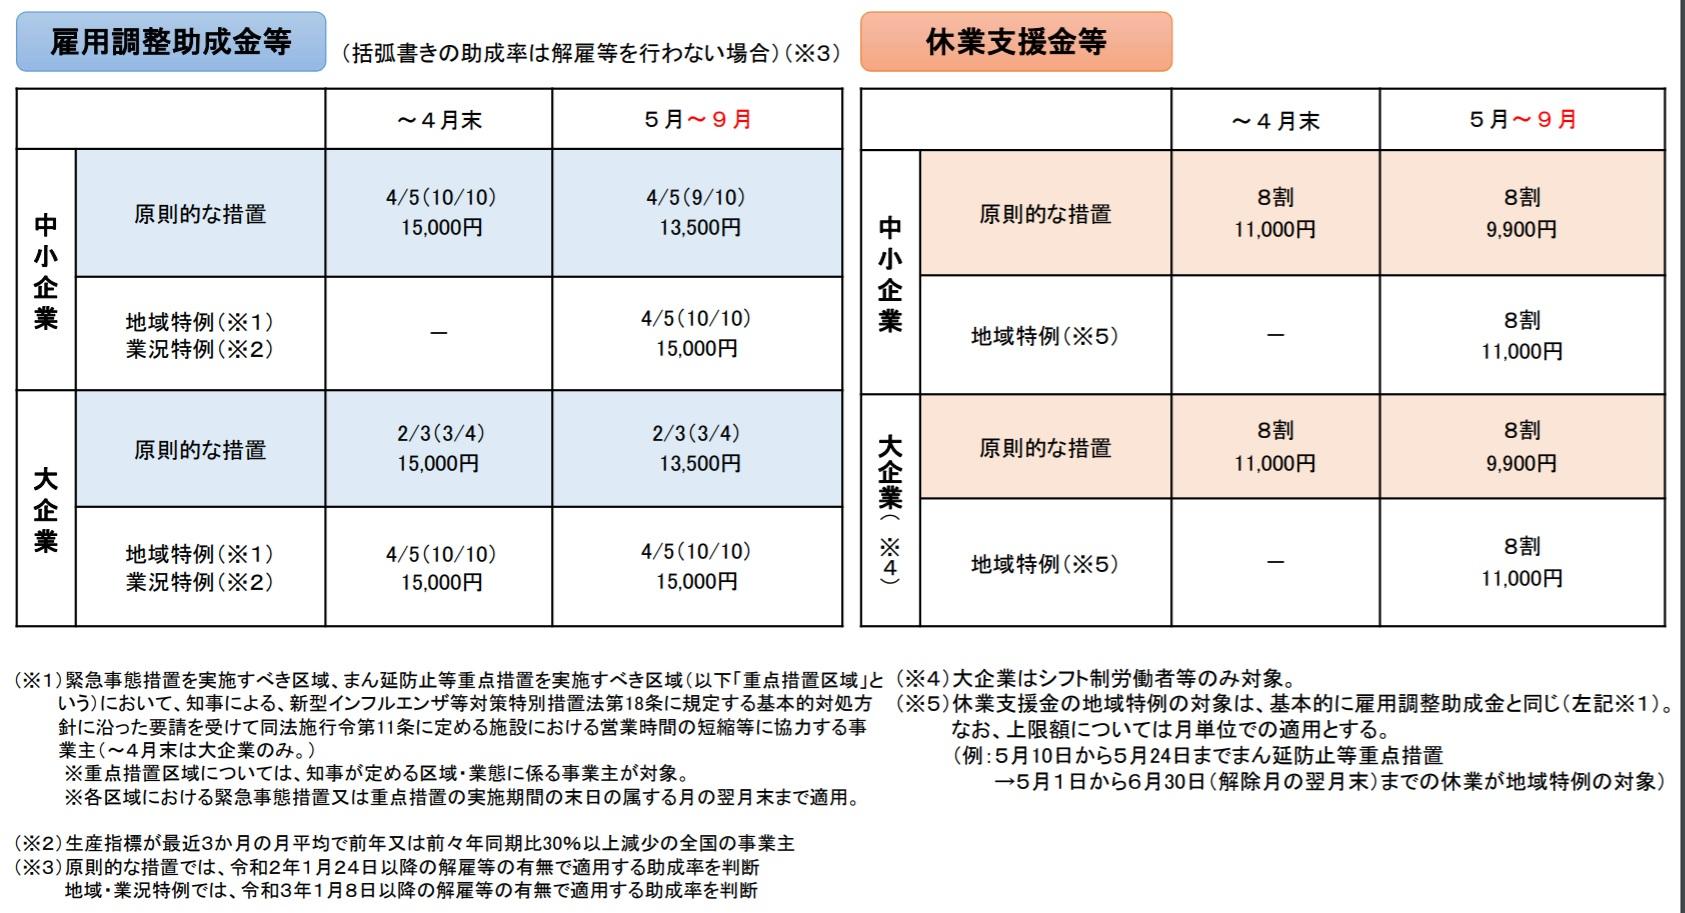 雇用調整助成金 休業支援金 5,6,7、8、9月の予定